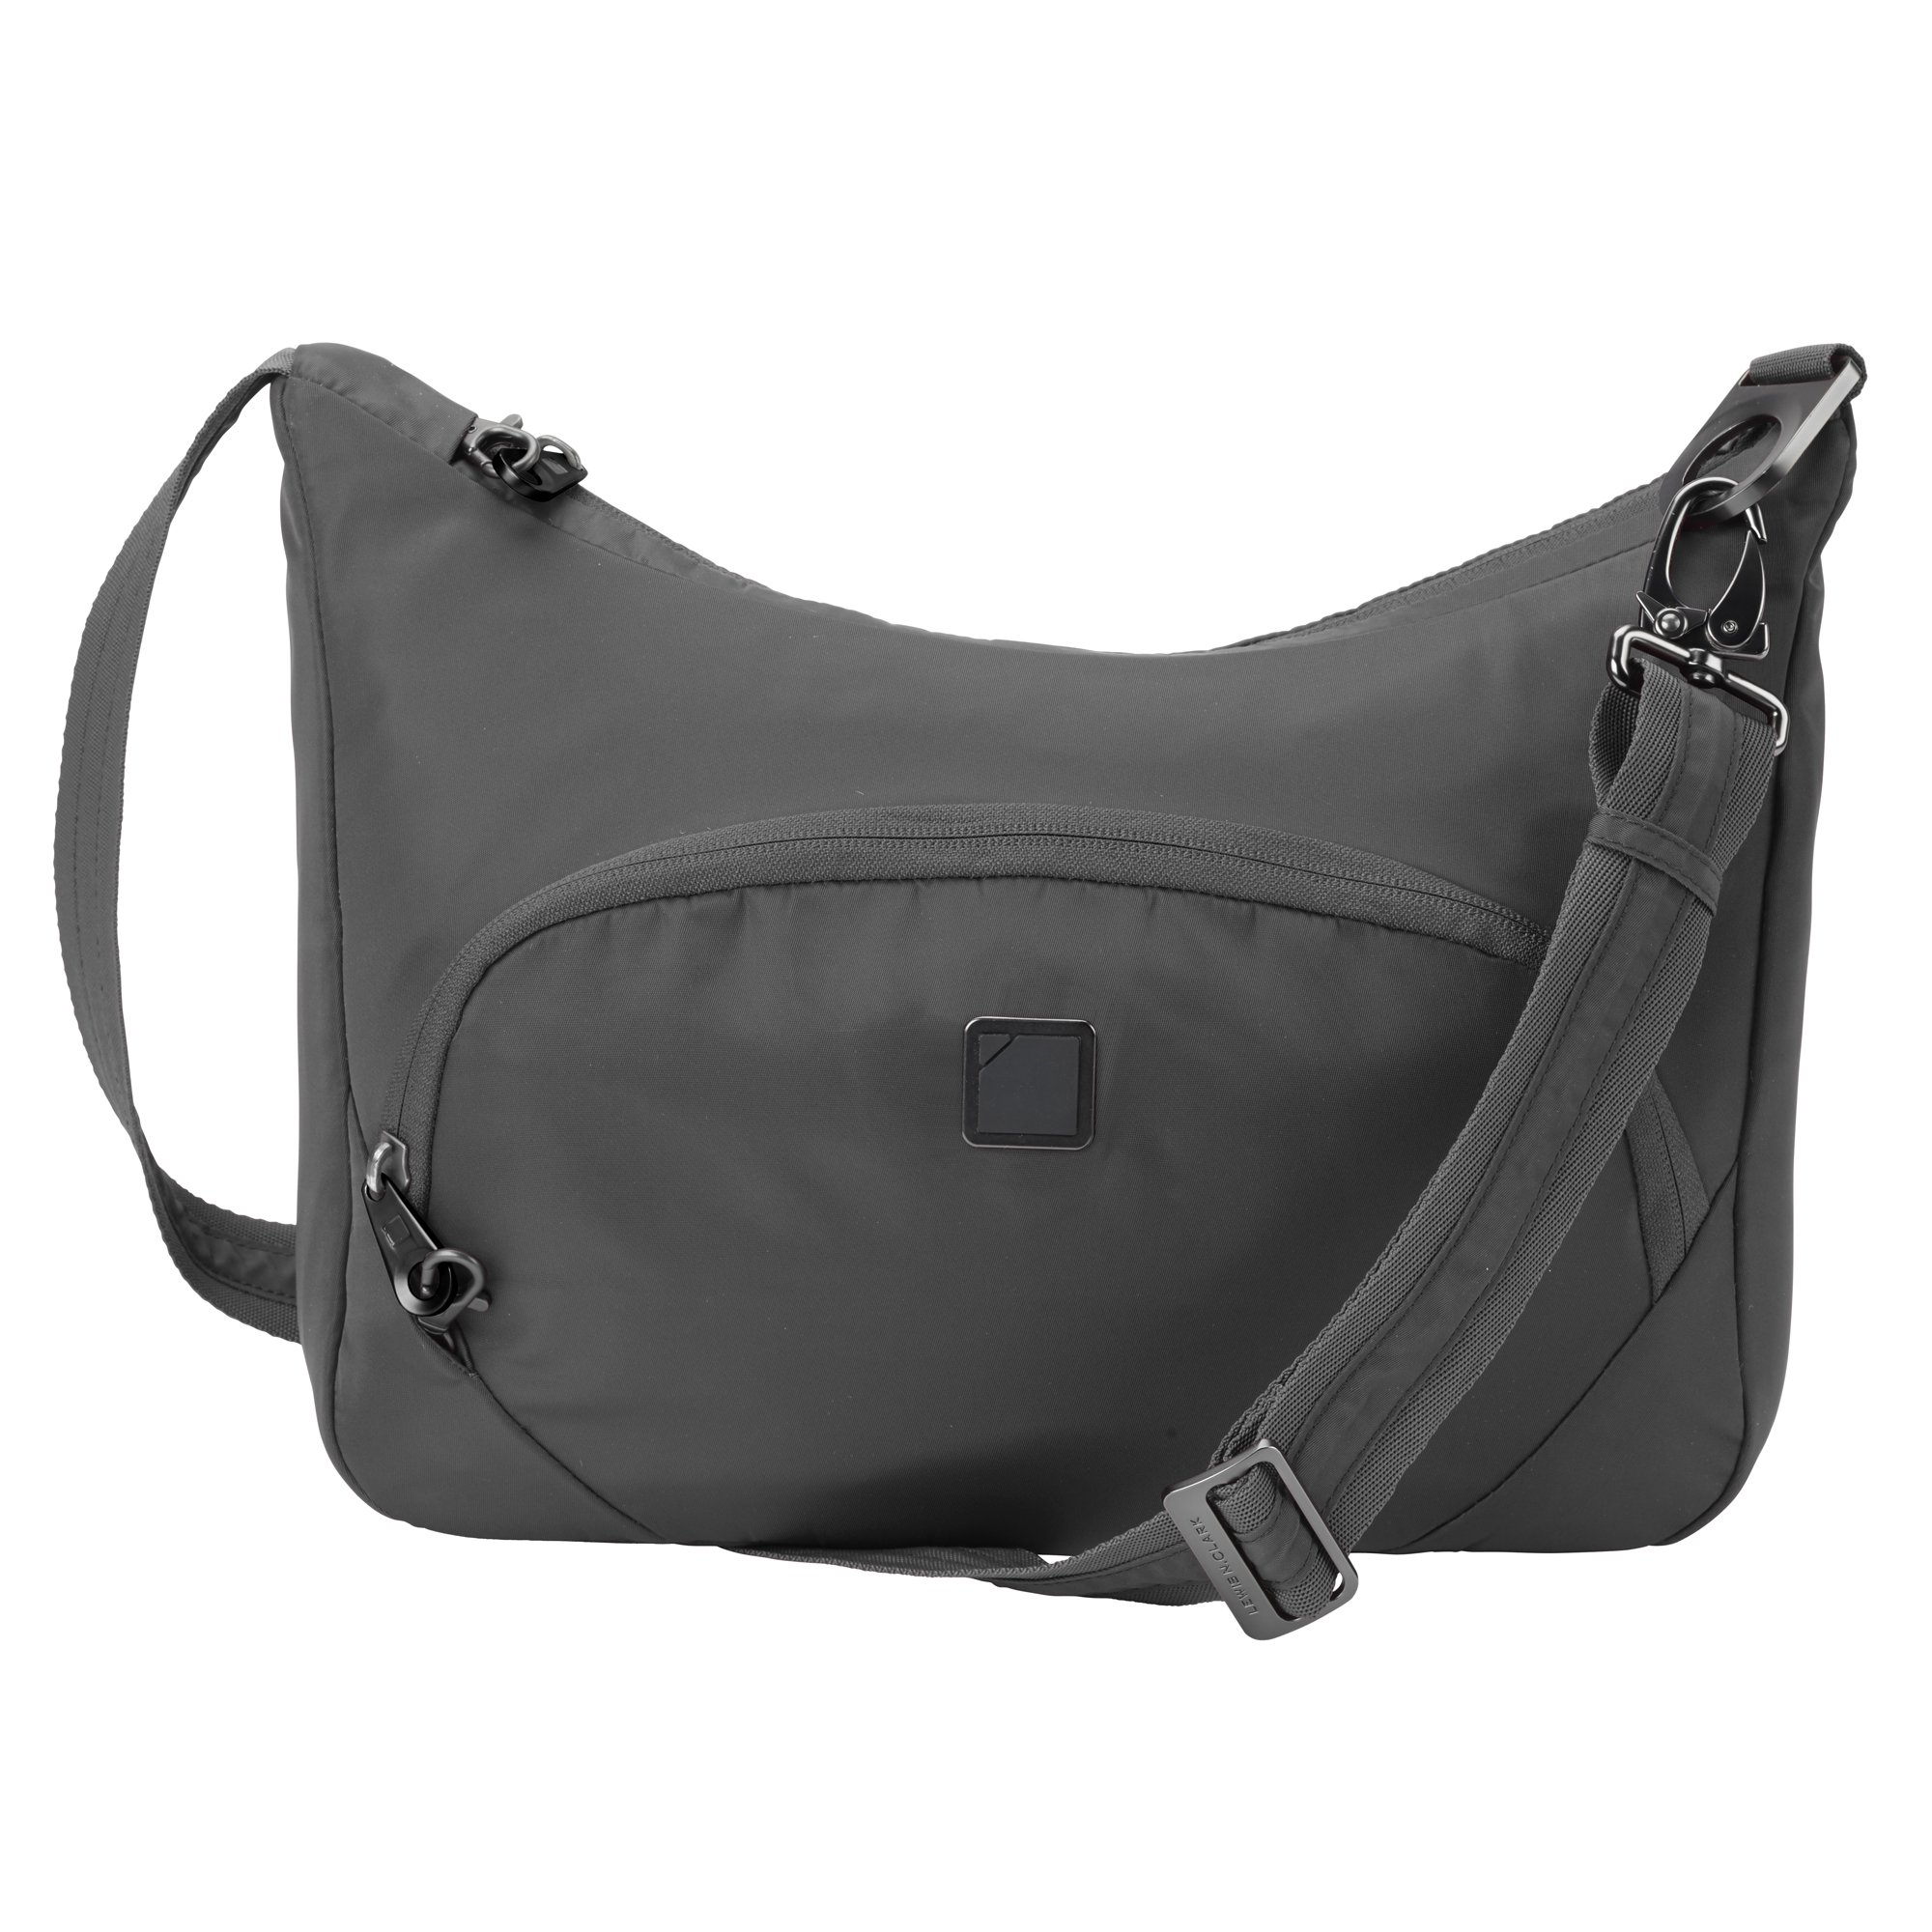 Lewis N. Clark Lewis N. Clark Secura Rfid-blocking Anti-theft Messenger Cross Body Bag, Slate